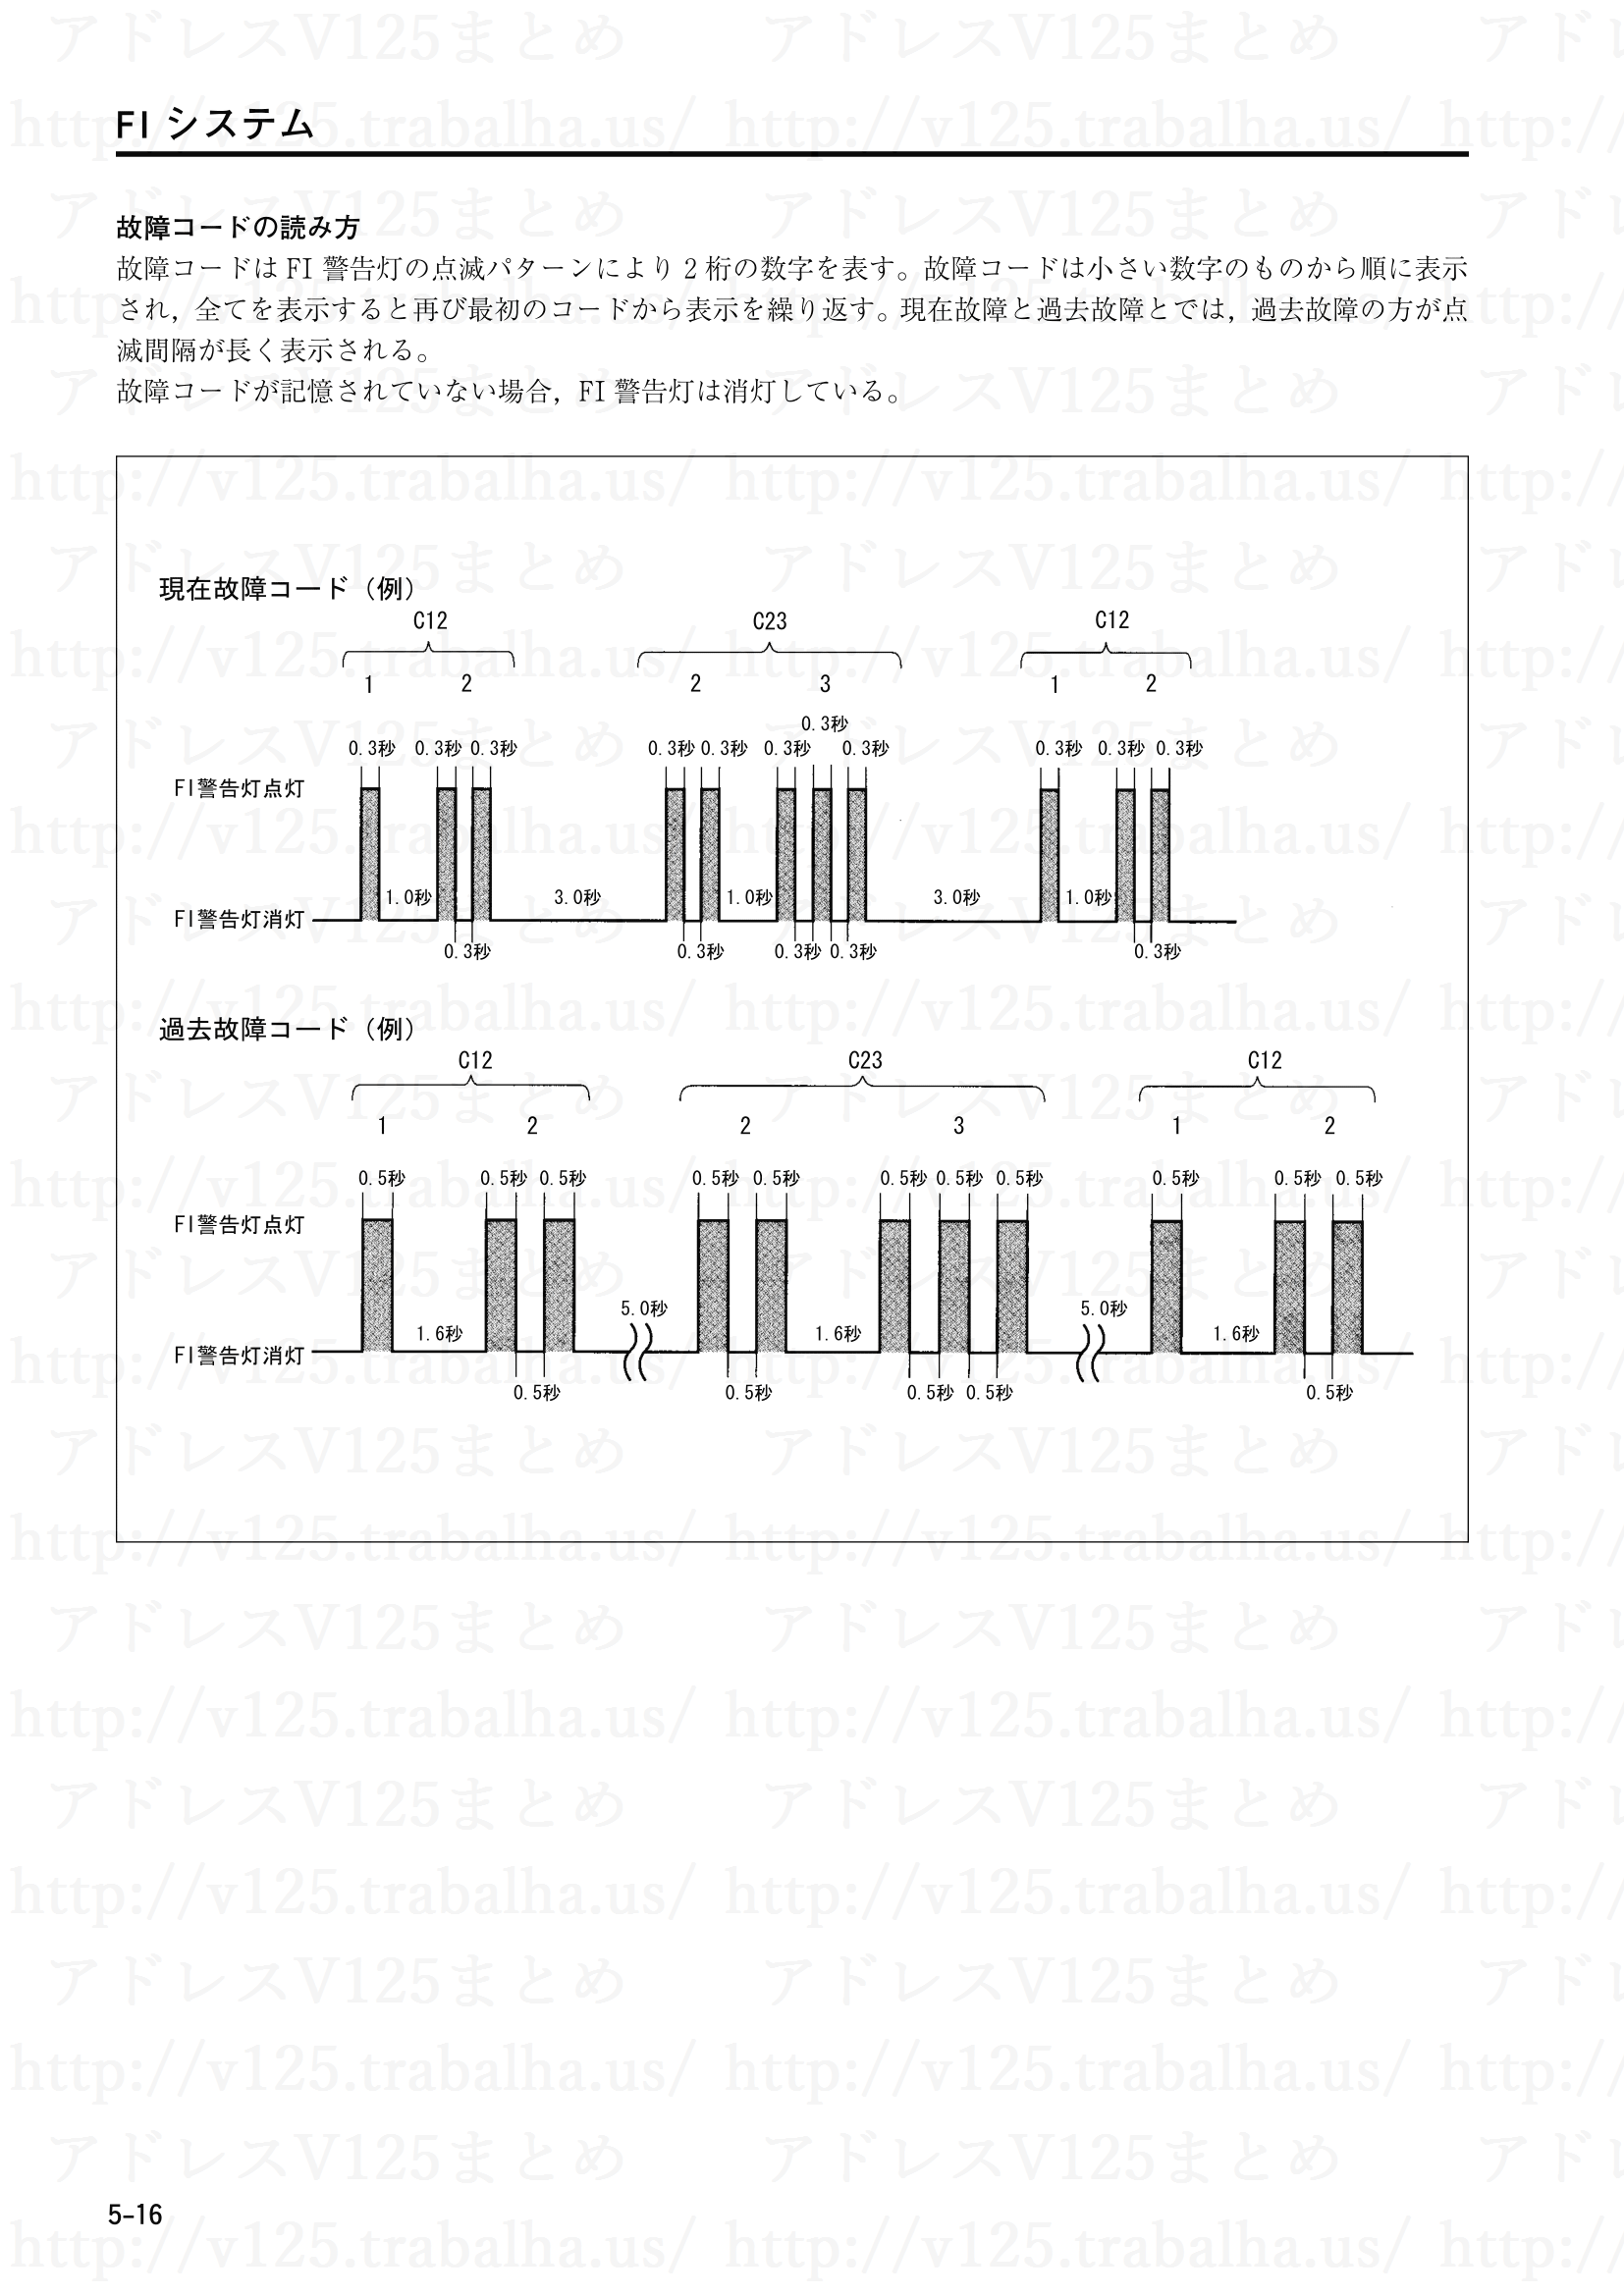 5-16【FIシステム】故障コードの読み方